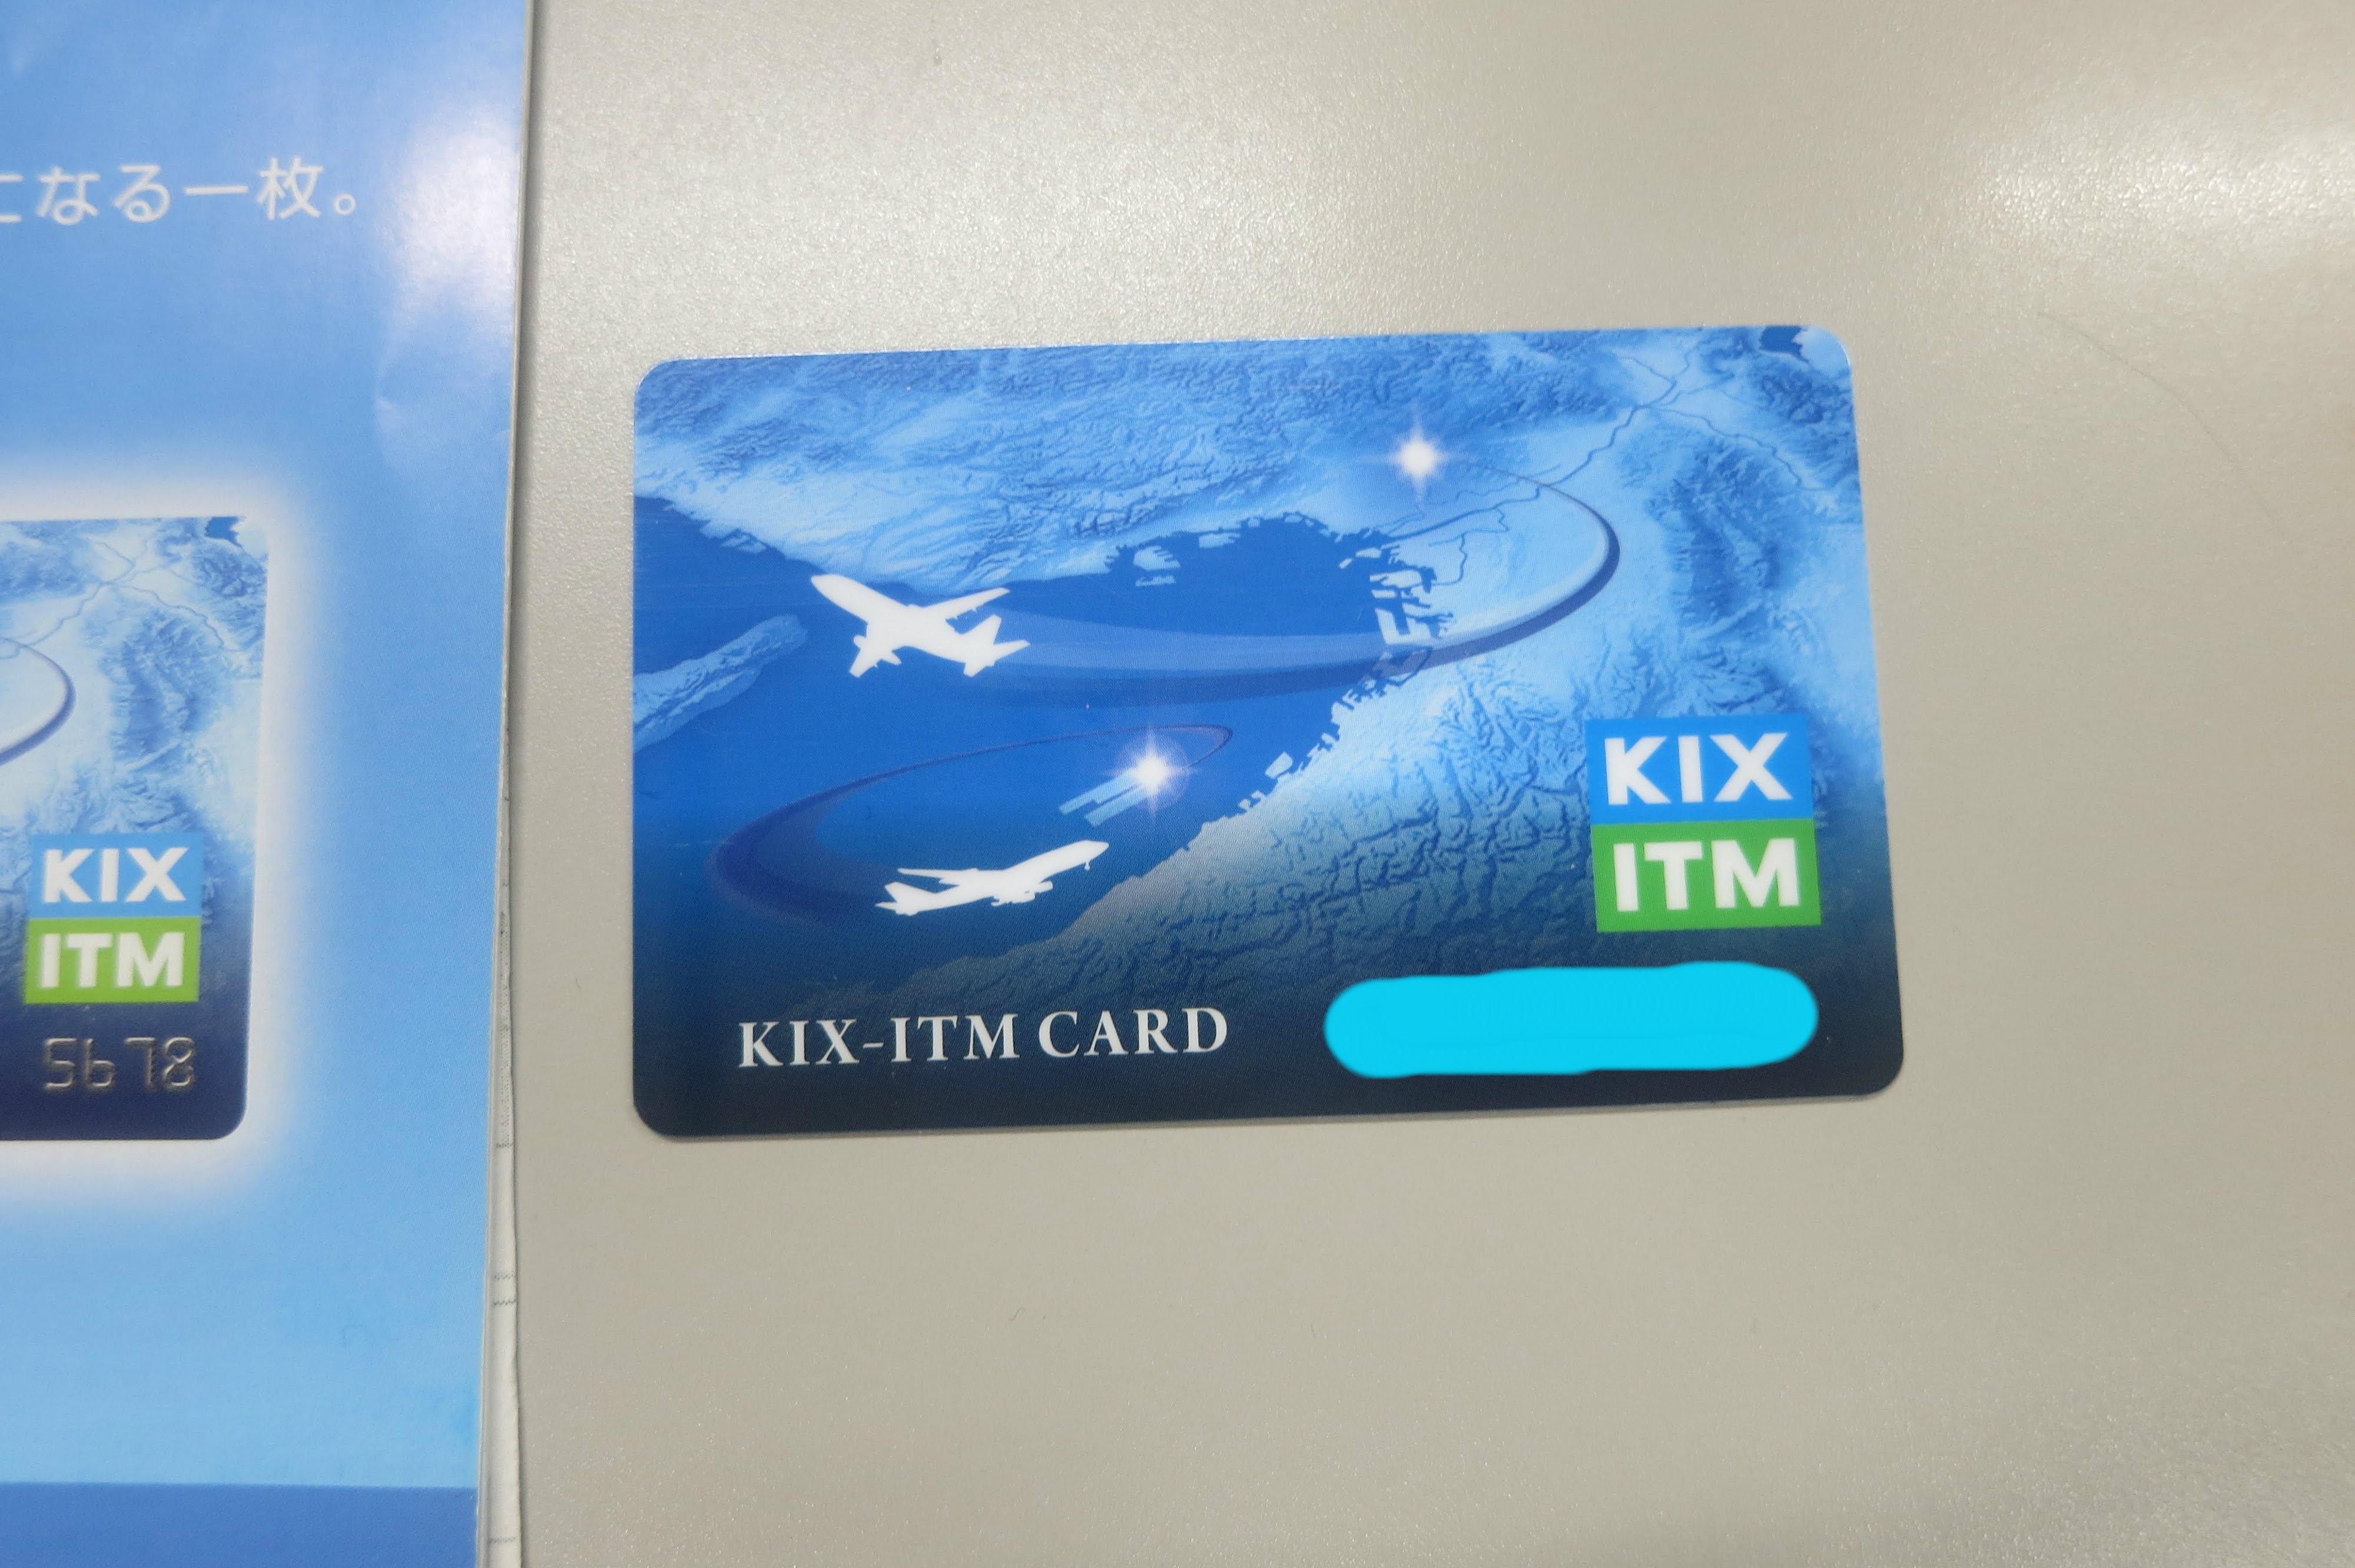 関空の駐車場が安くなる KIX-ITMカード